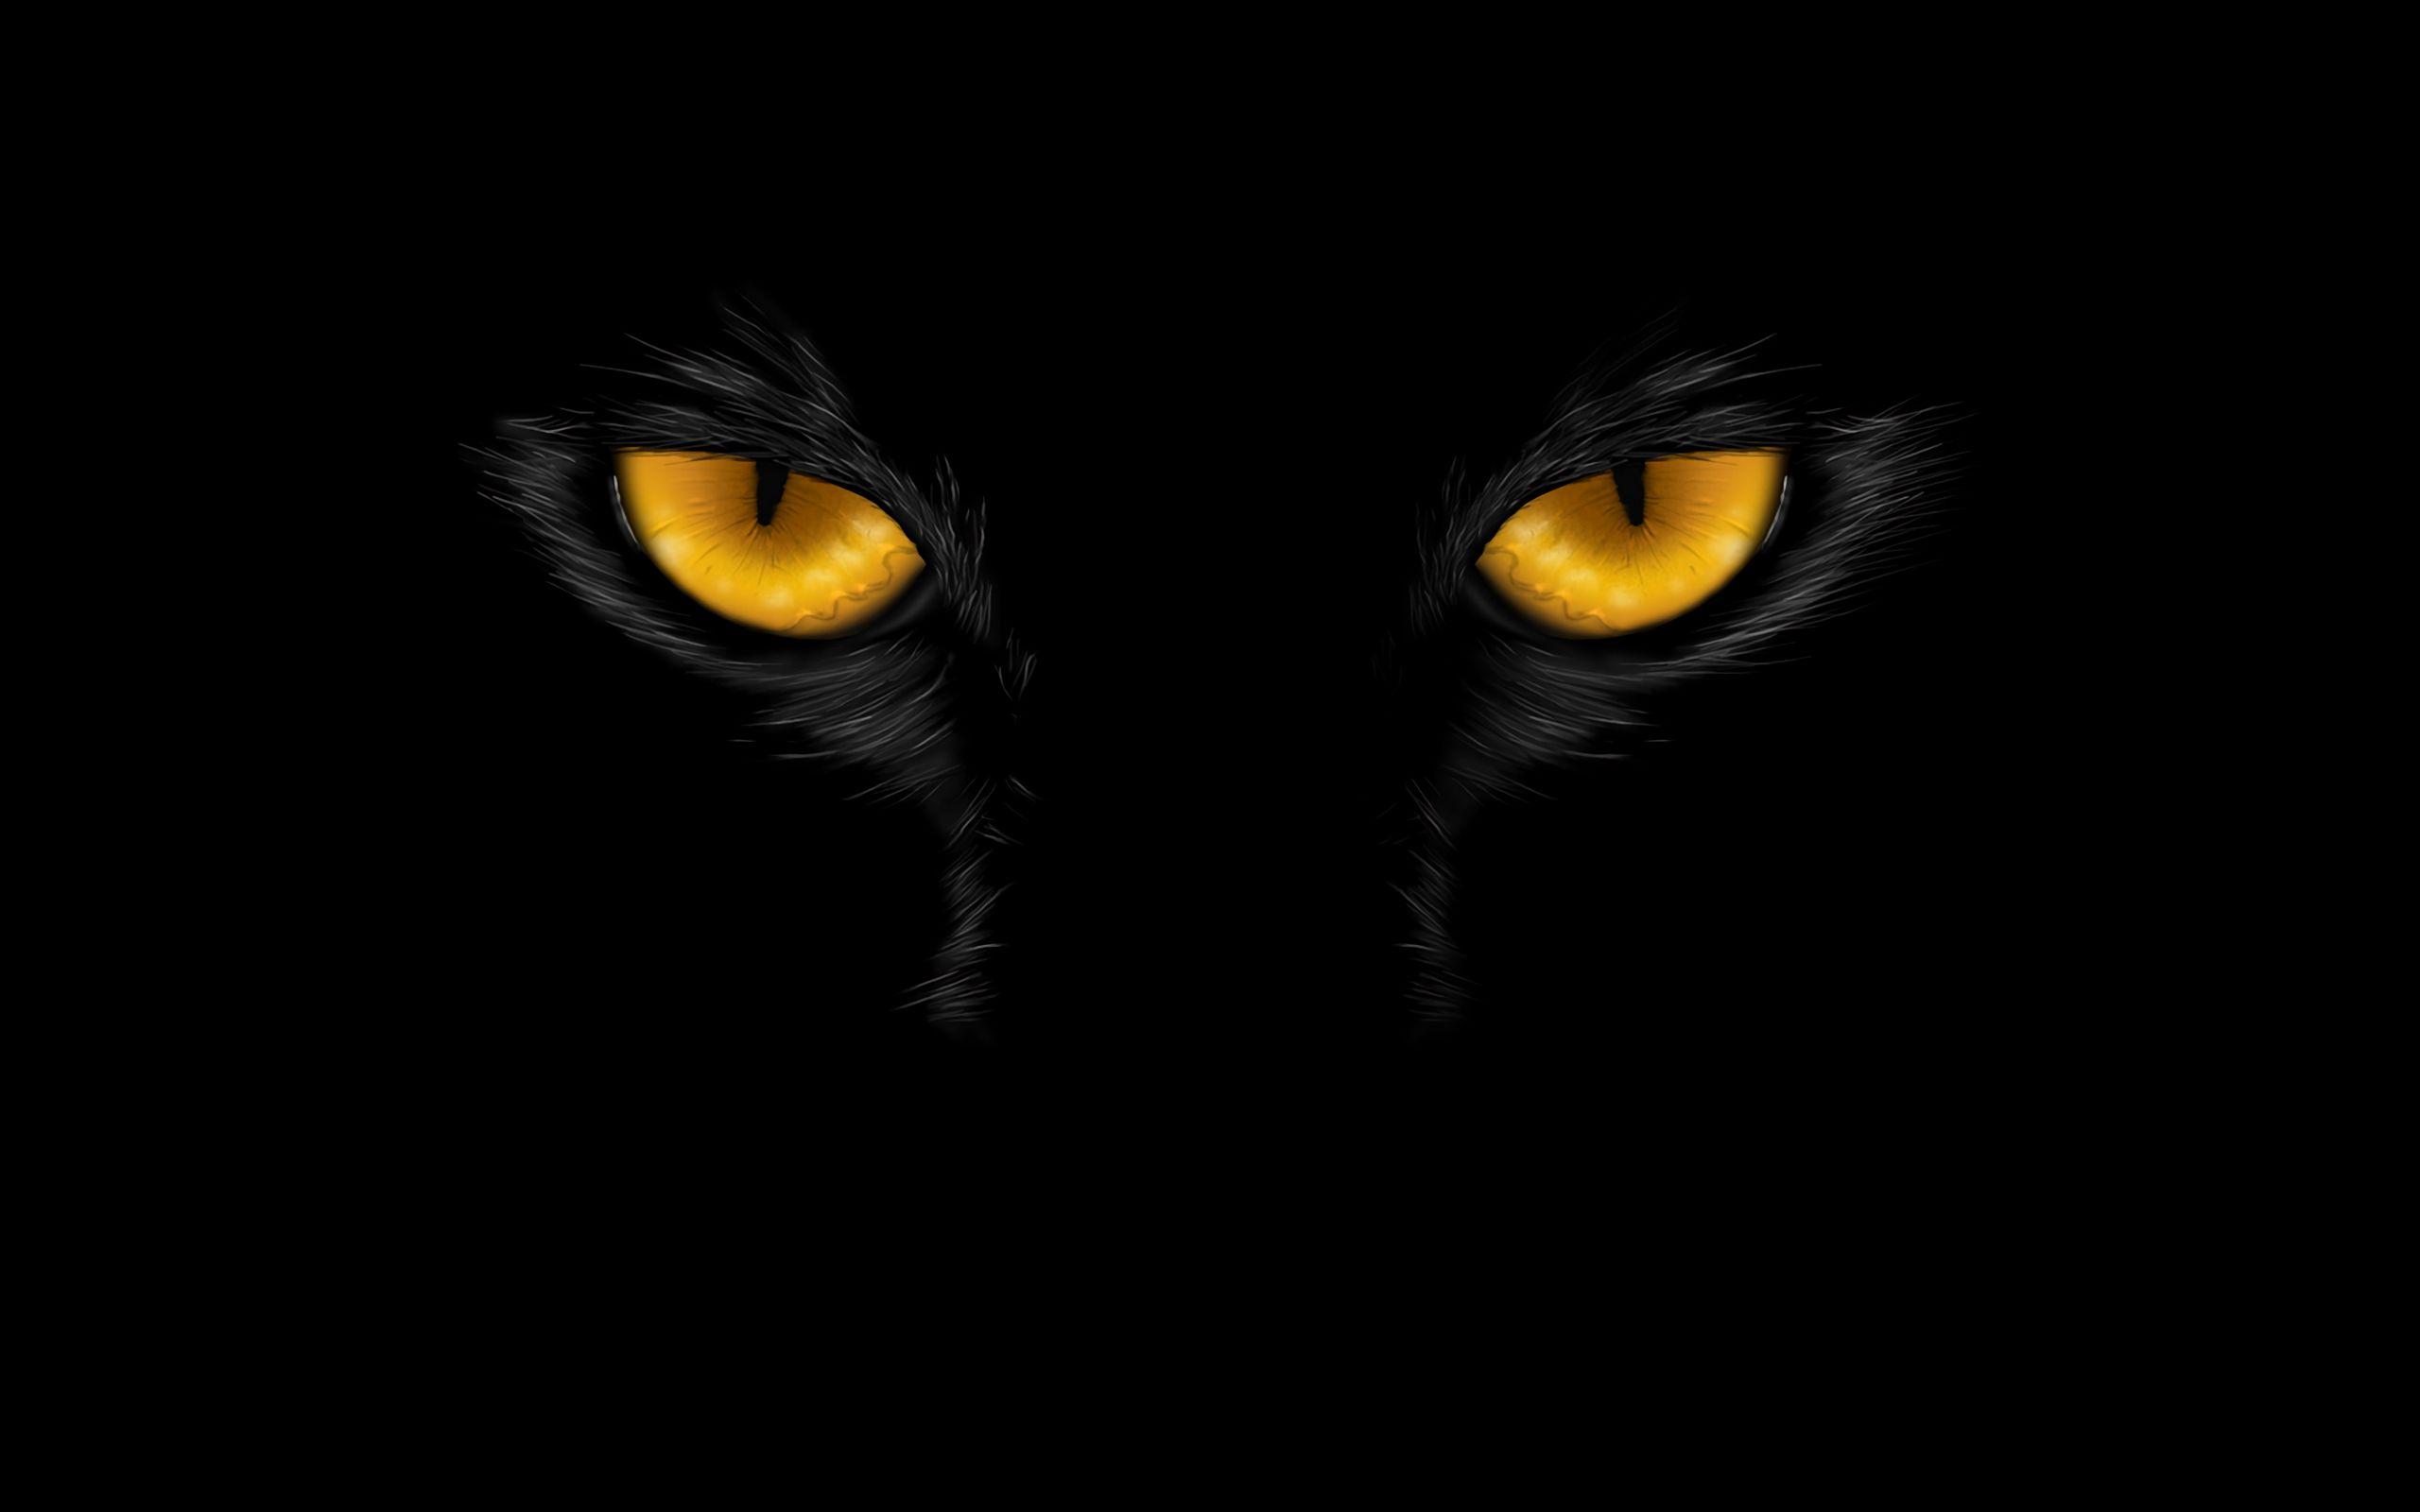 2560x1600 Wallpaper eyes, black, dark, art